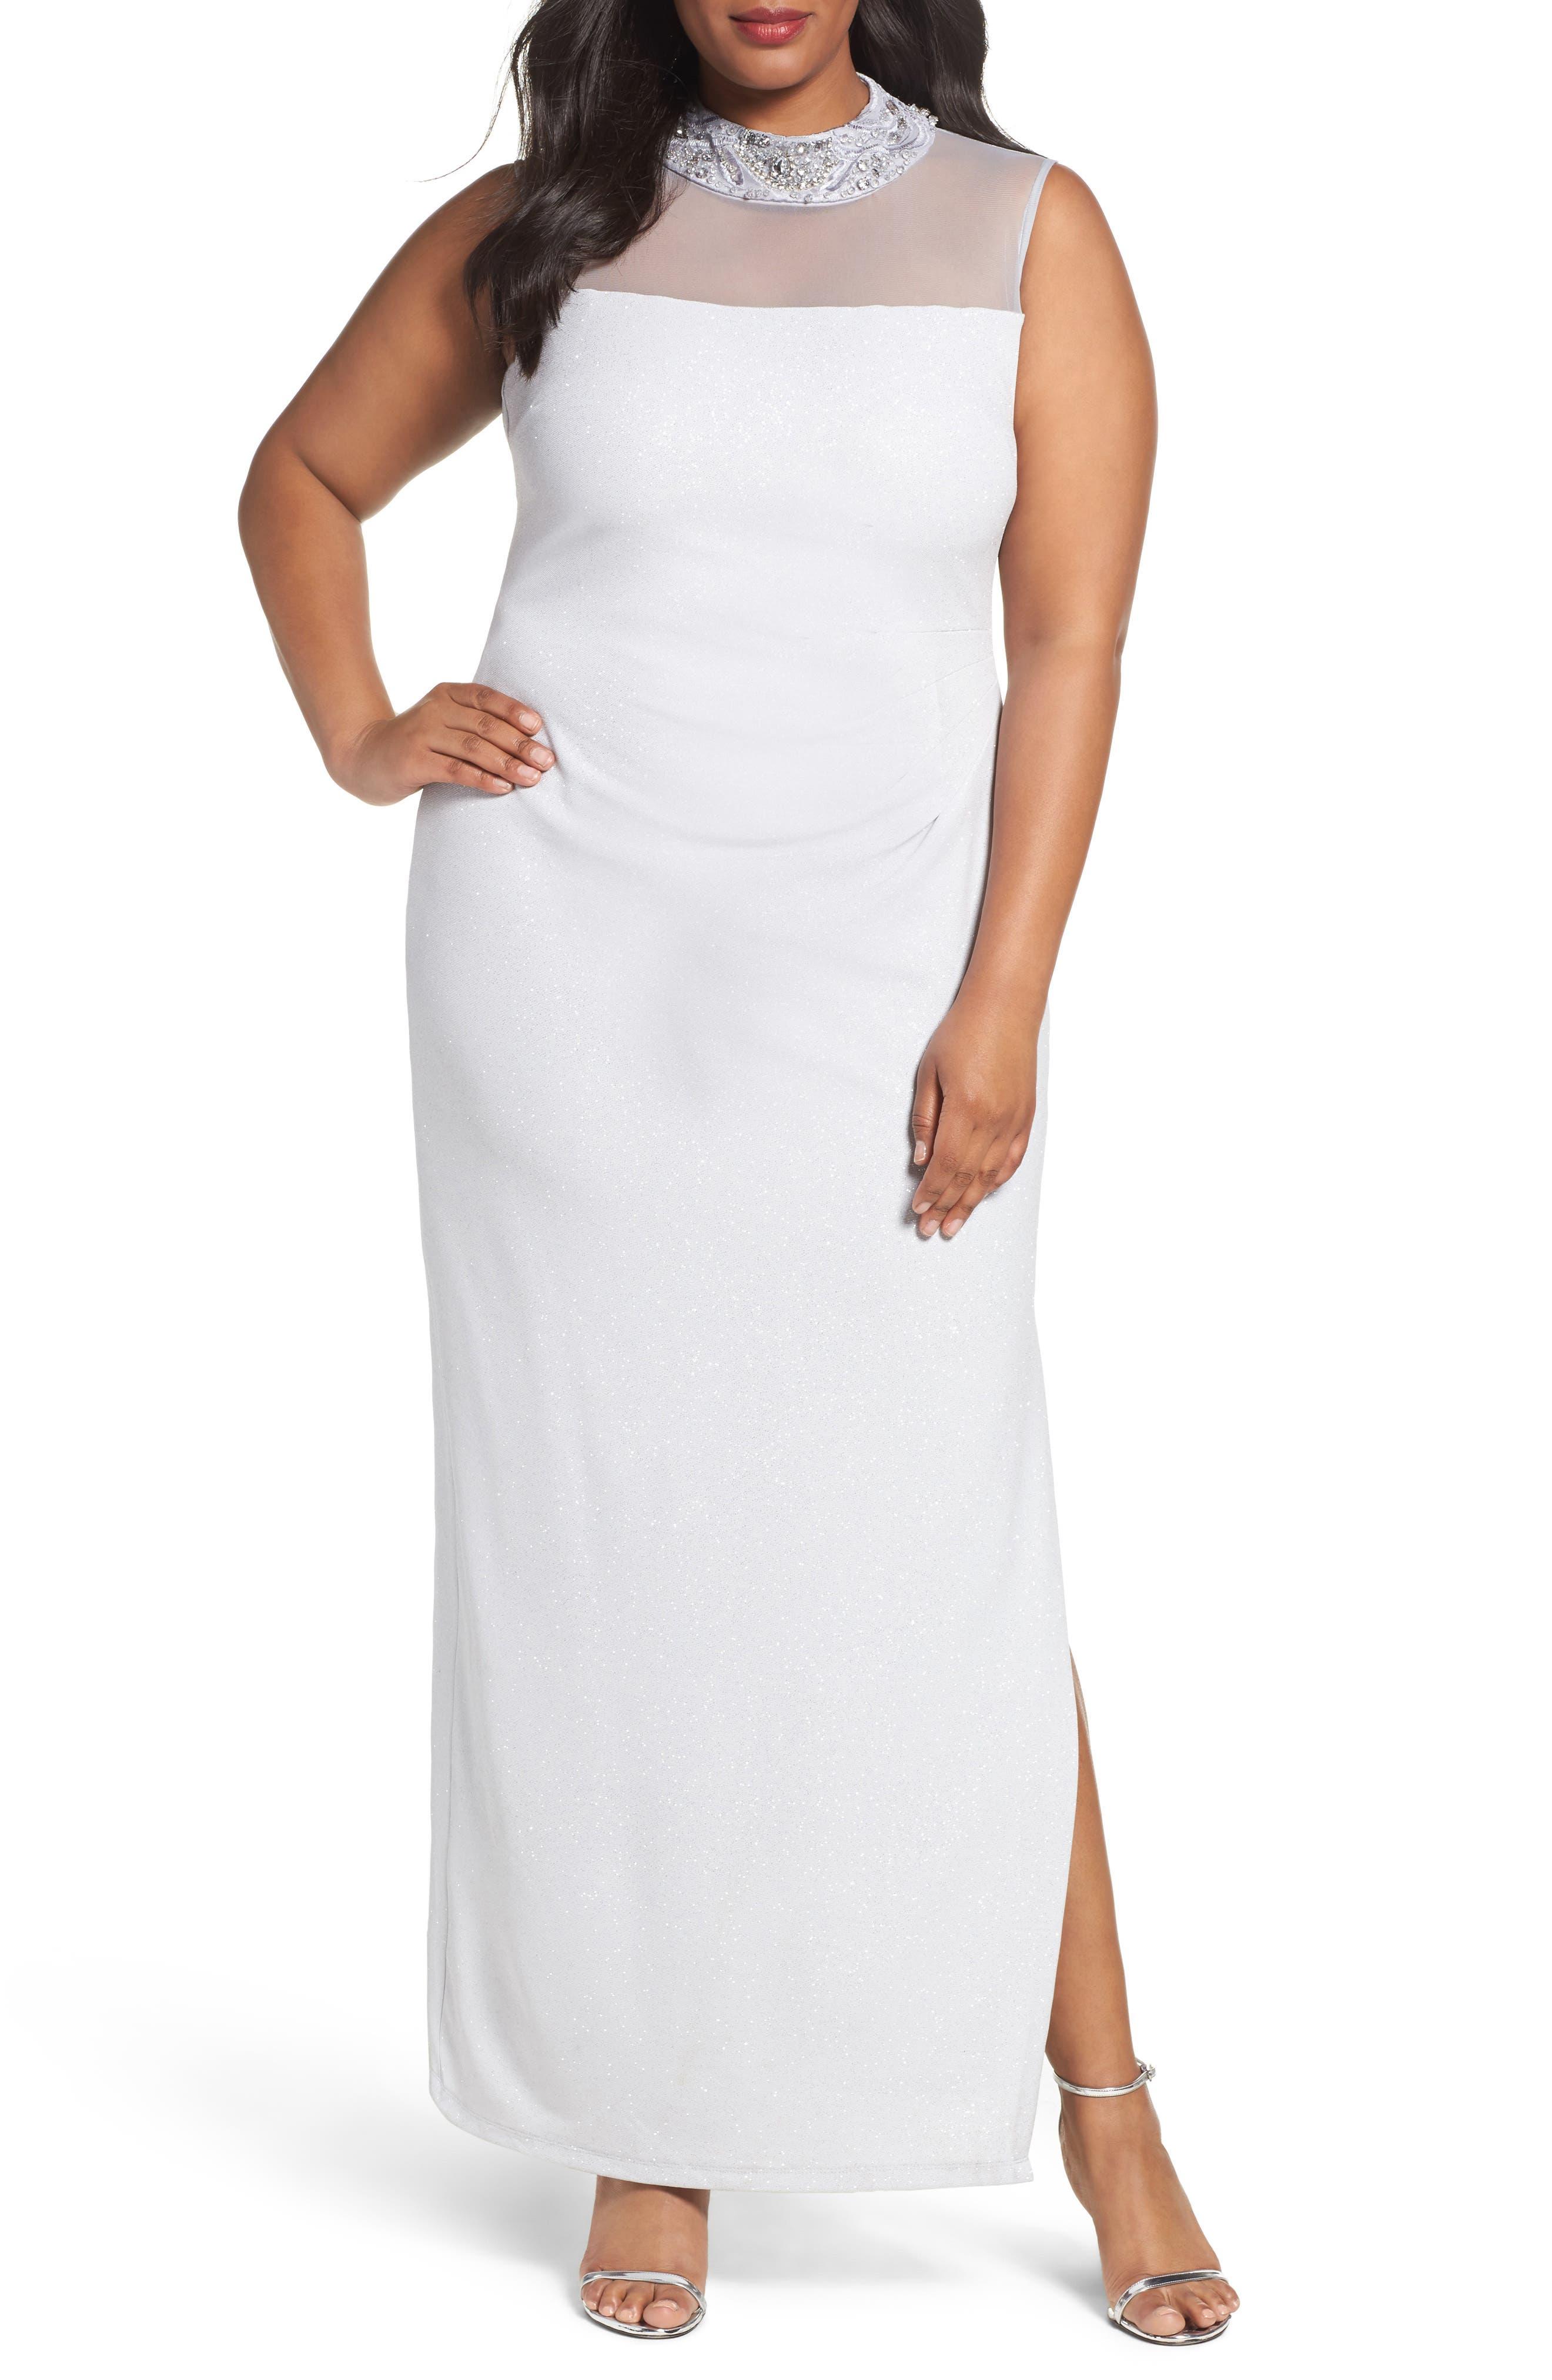 Main Image - Marina Glitter Ottoman Knit Sheath Gown (Plus Size)